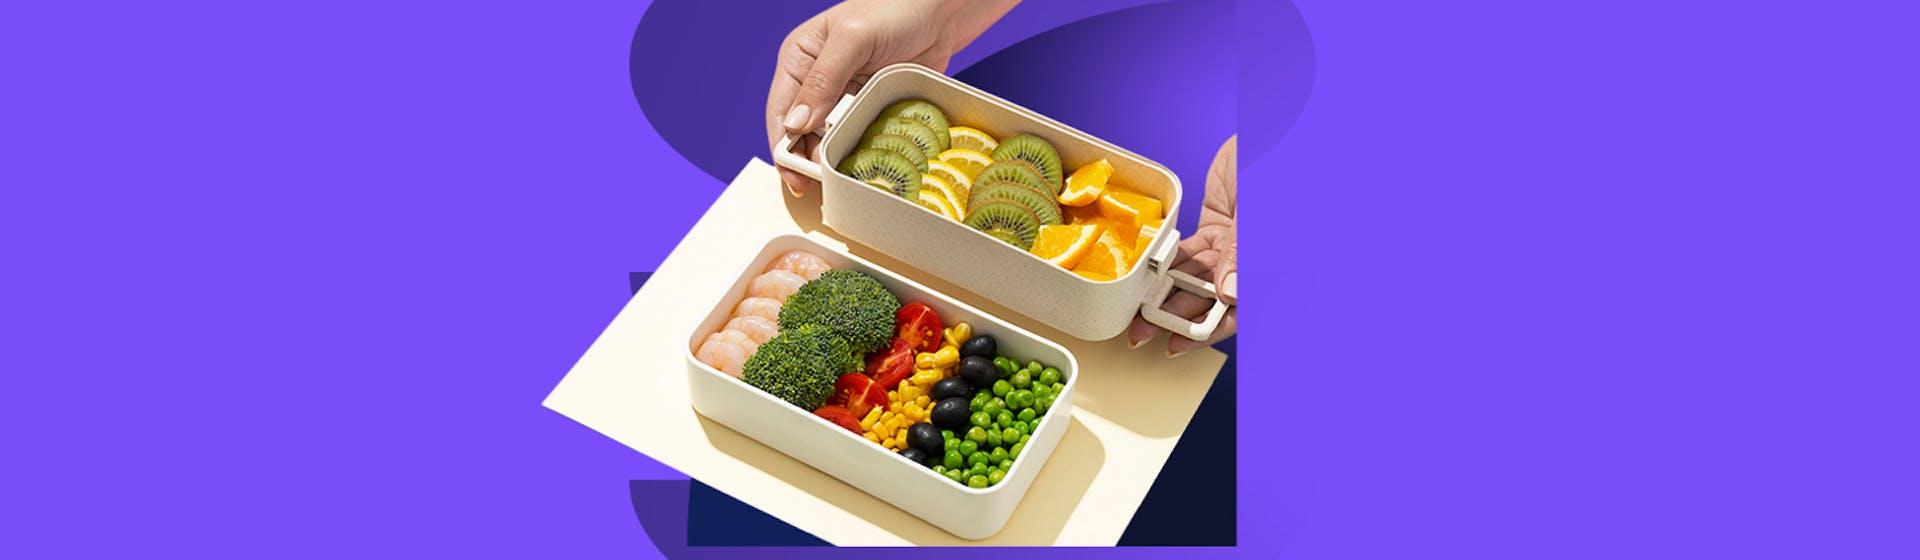 5 recetas de comida saludable fáciles para comer rico y sano todos los días